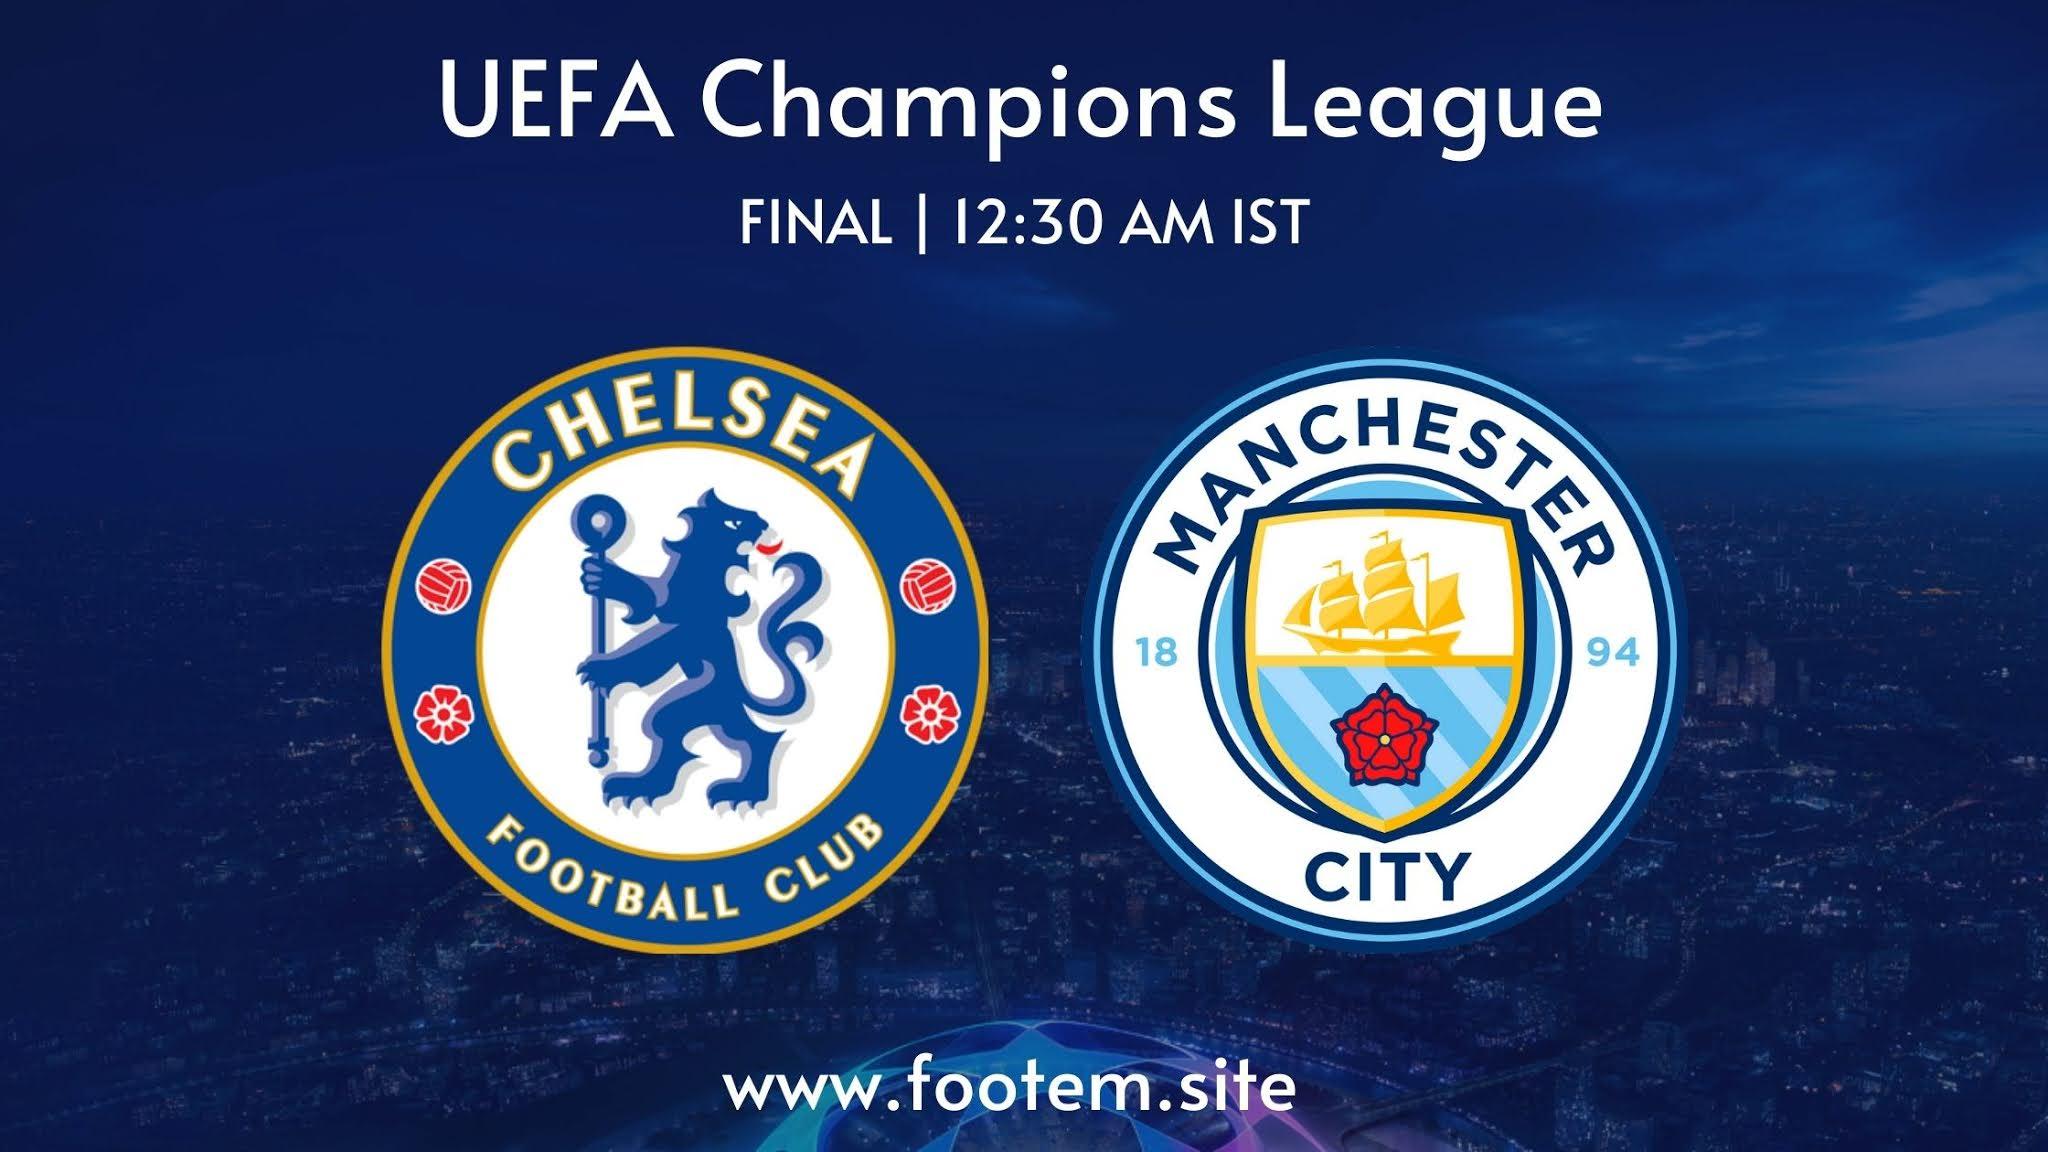 Champions League - Final Manchester City vs Chelsea